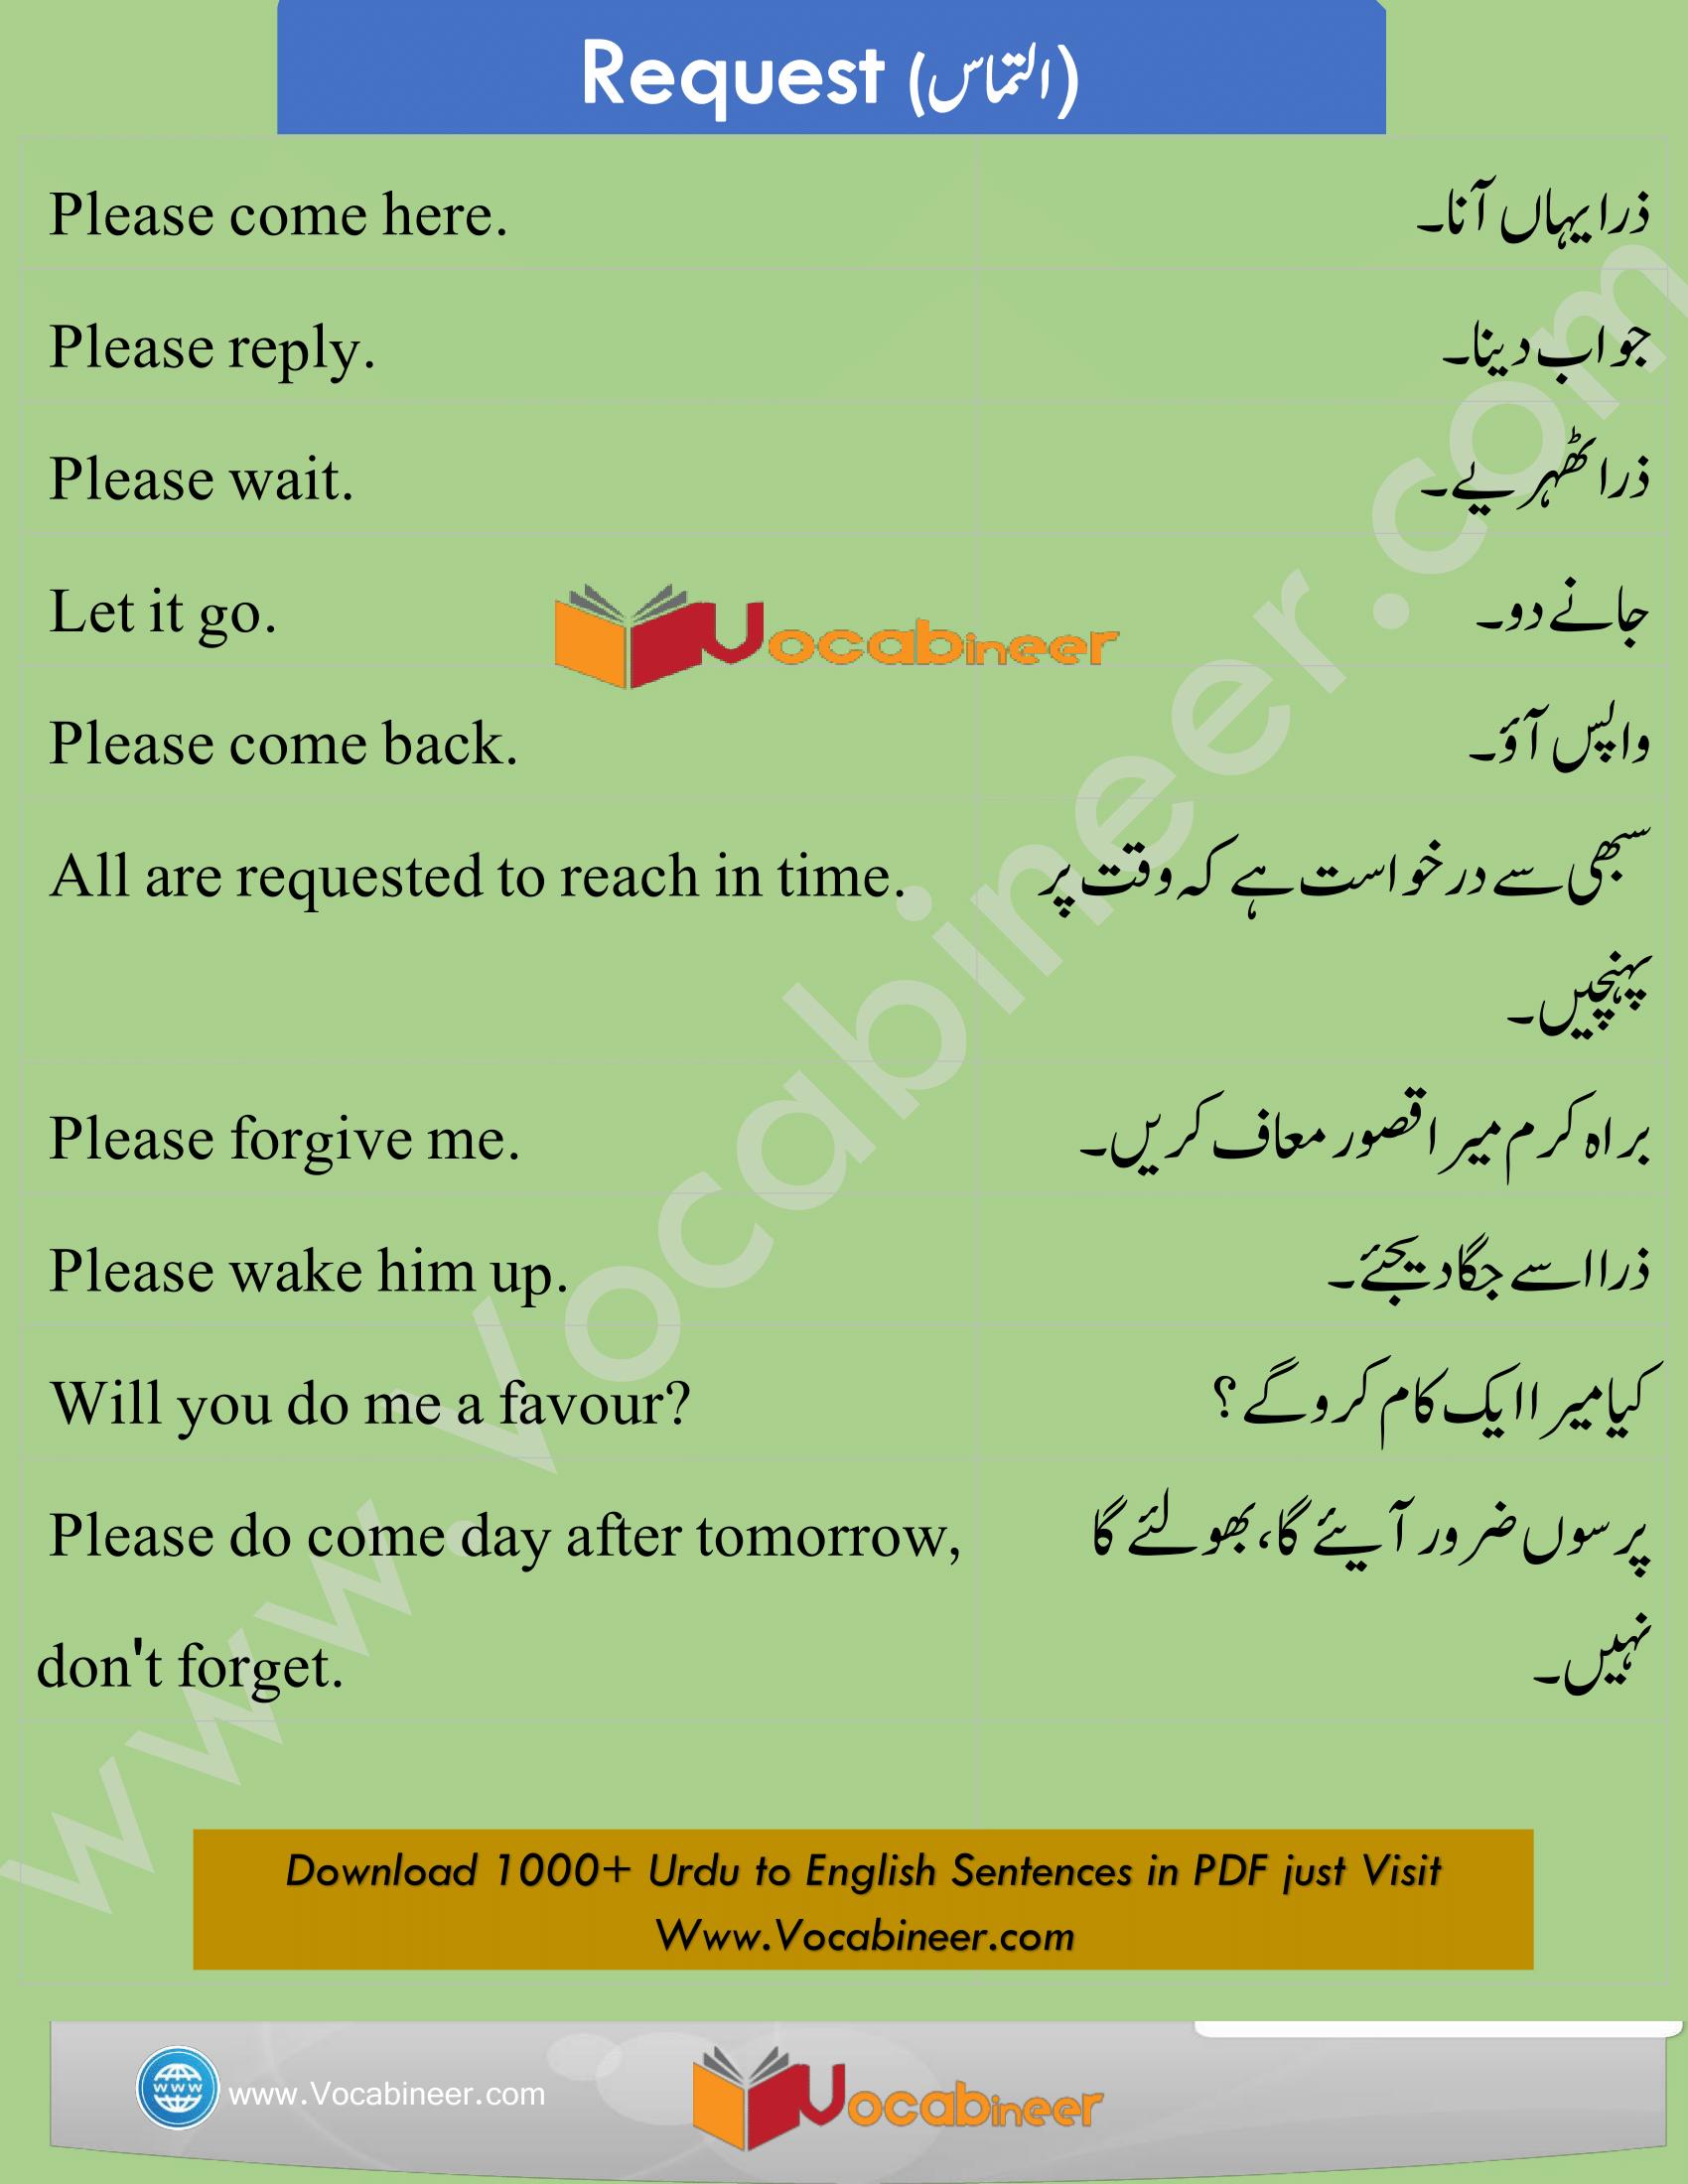 English Dialogues Urdu To English Dialogues English